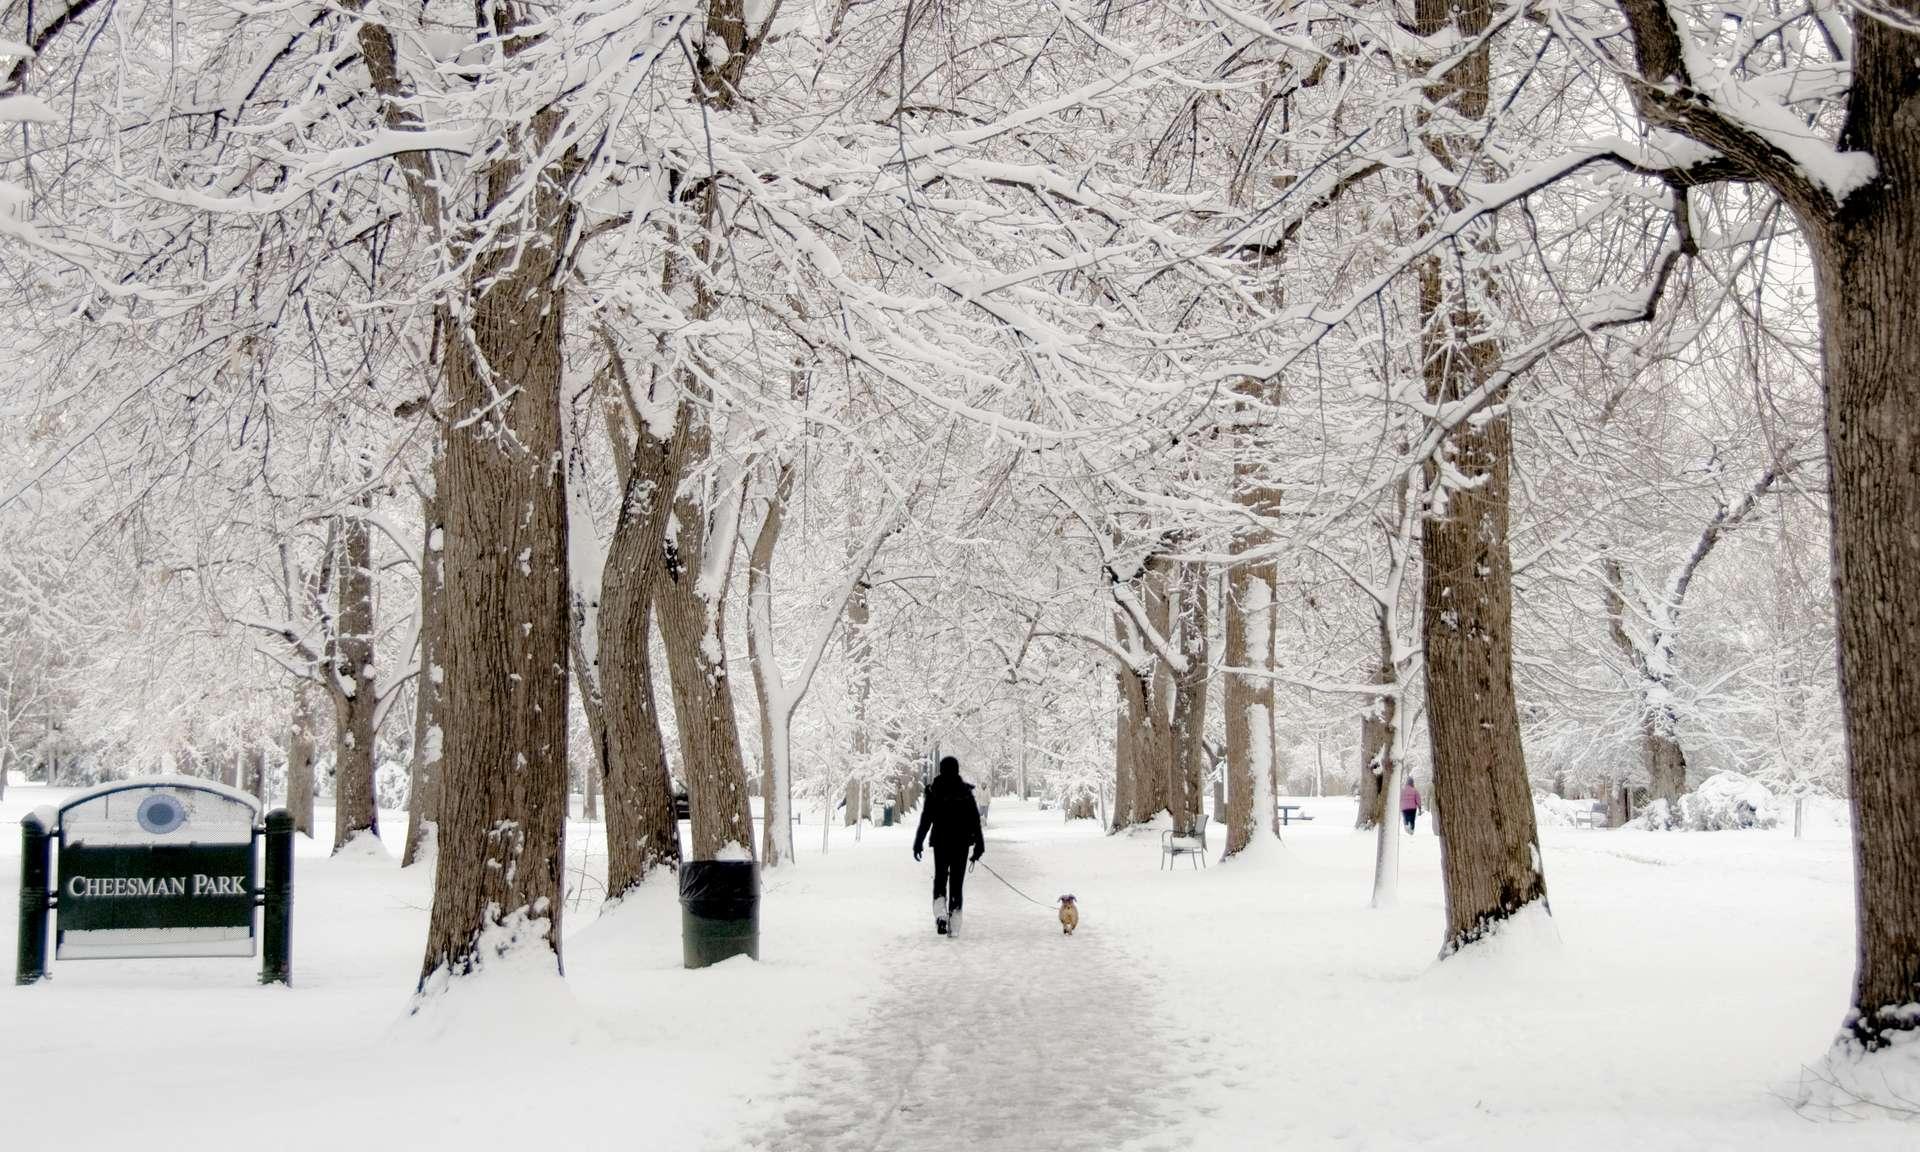 En quelques jours, la ville de Denver est passée d'une vague de chaleur à une vague de froid. © Kim, Adobe Stock